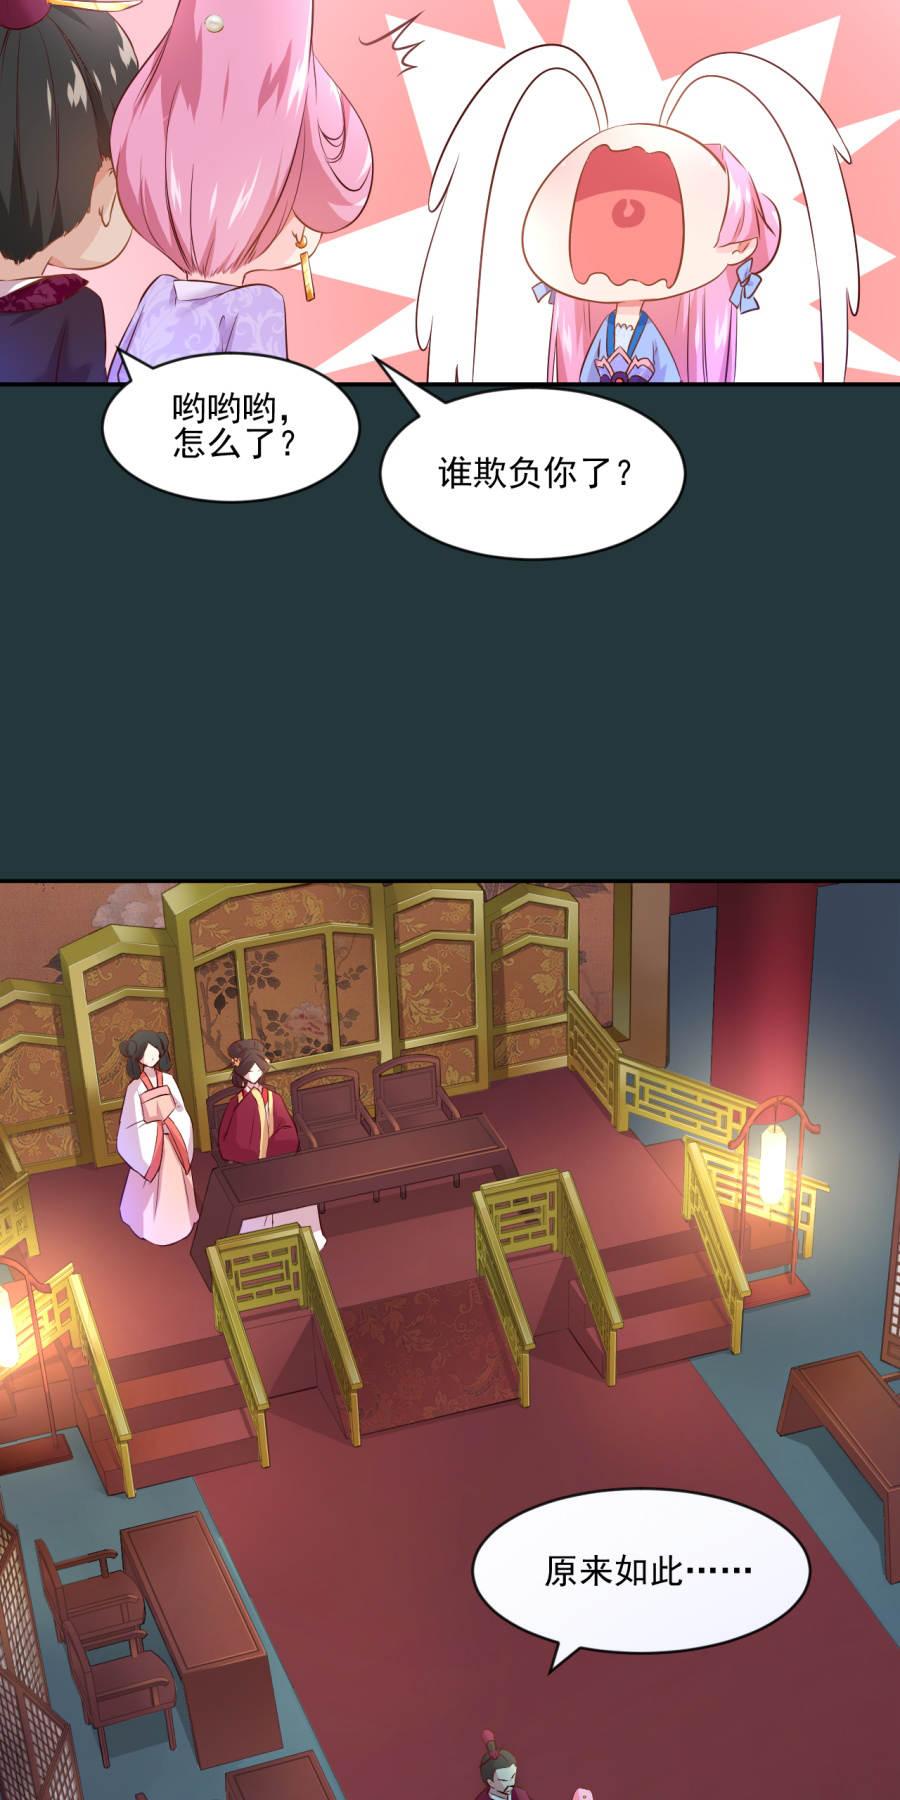 盛世帝王妃第84话  拒绝赐婚 第 13